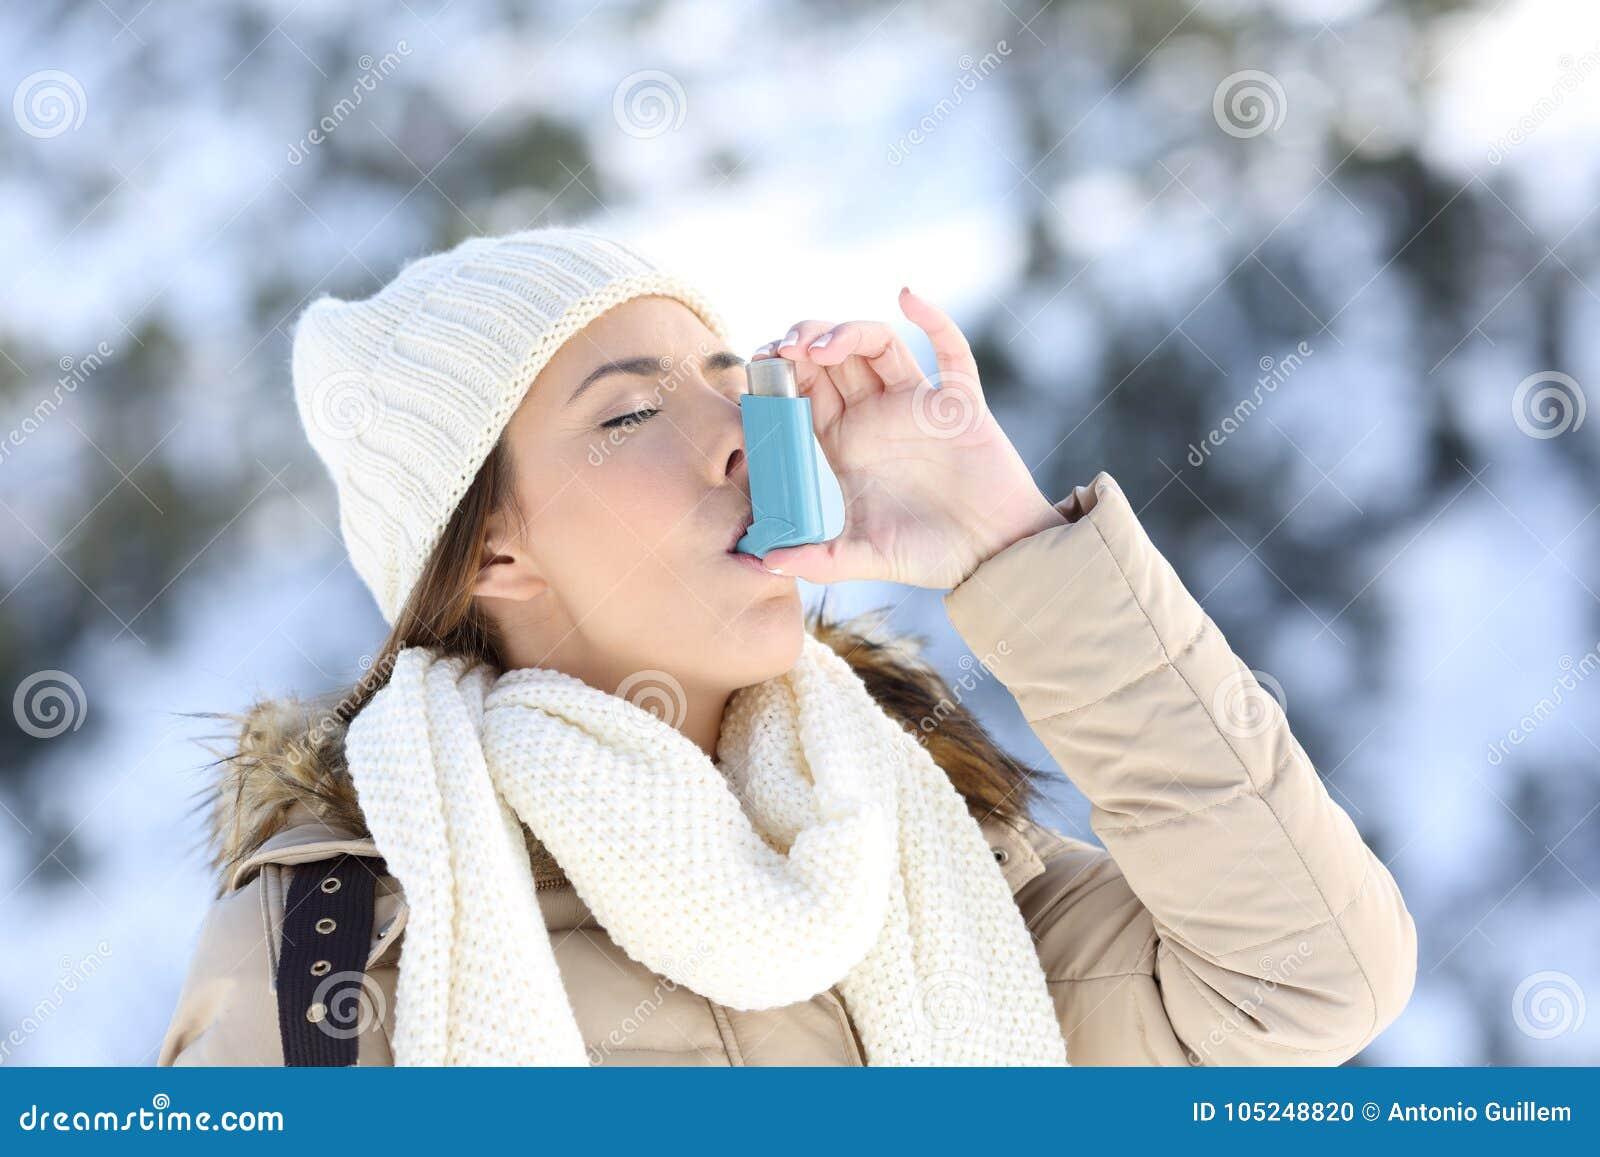 使用哮喘吸入器的妇女在一个冷的冬天